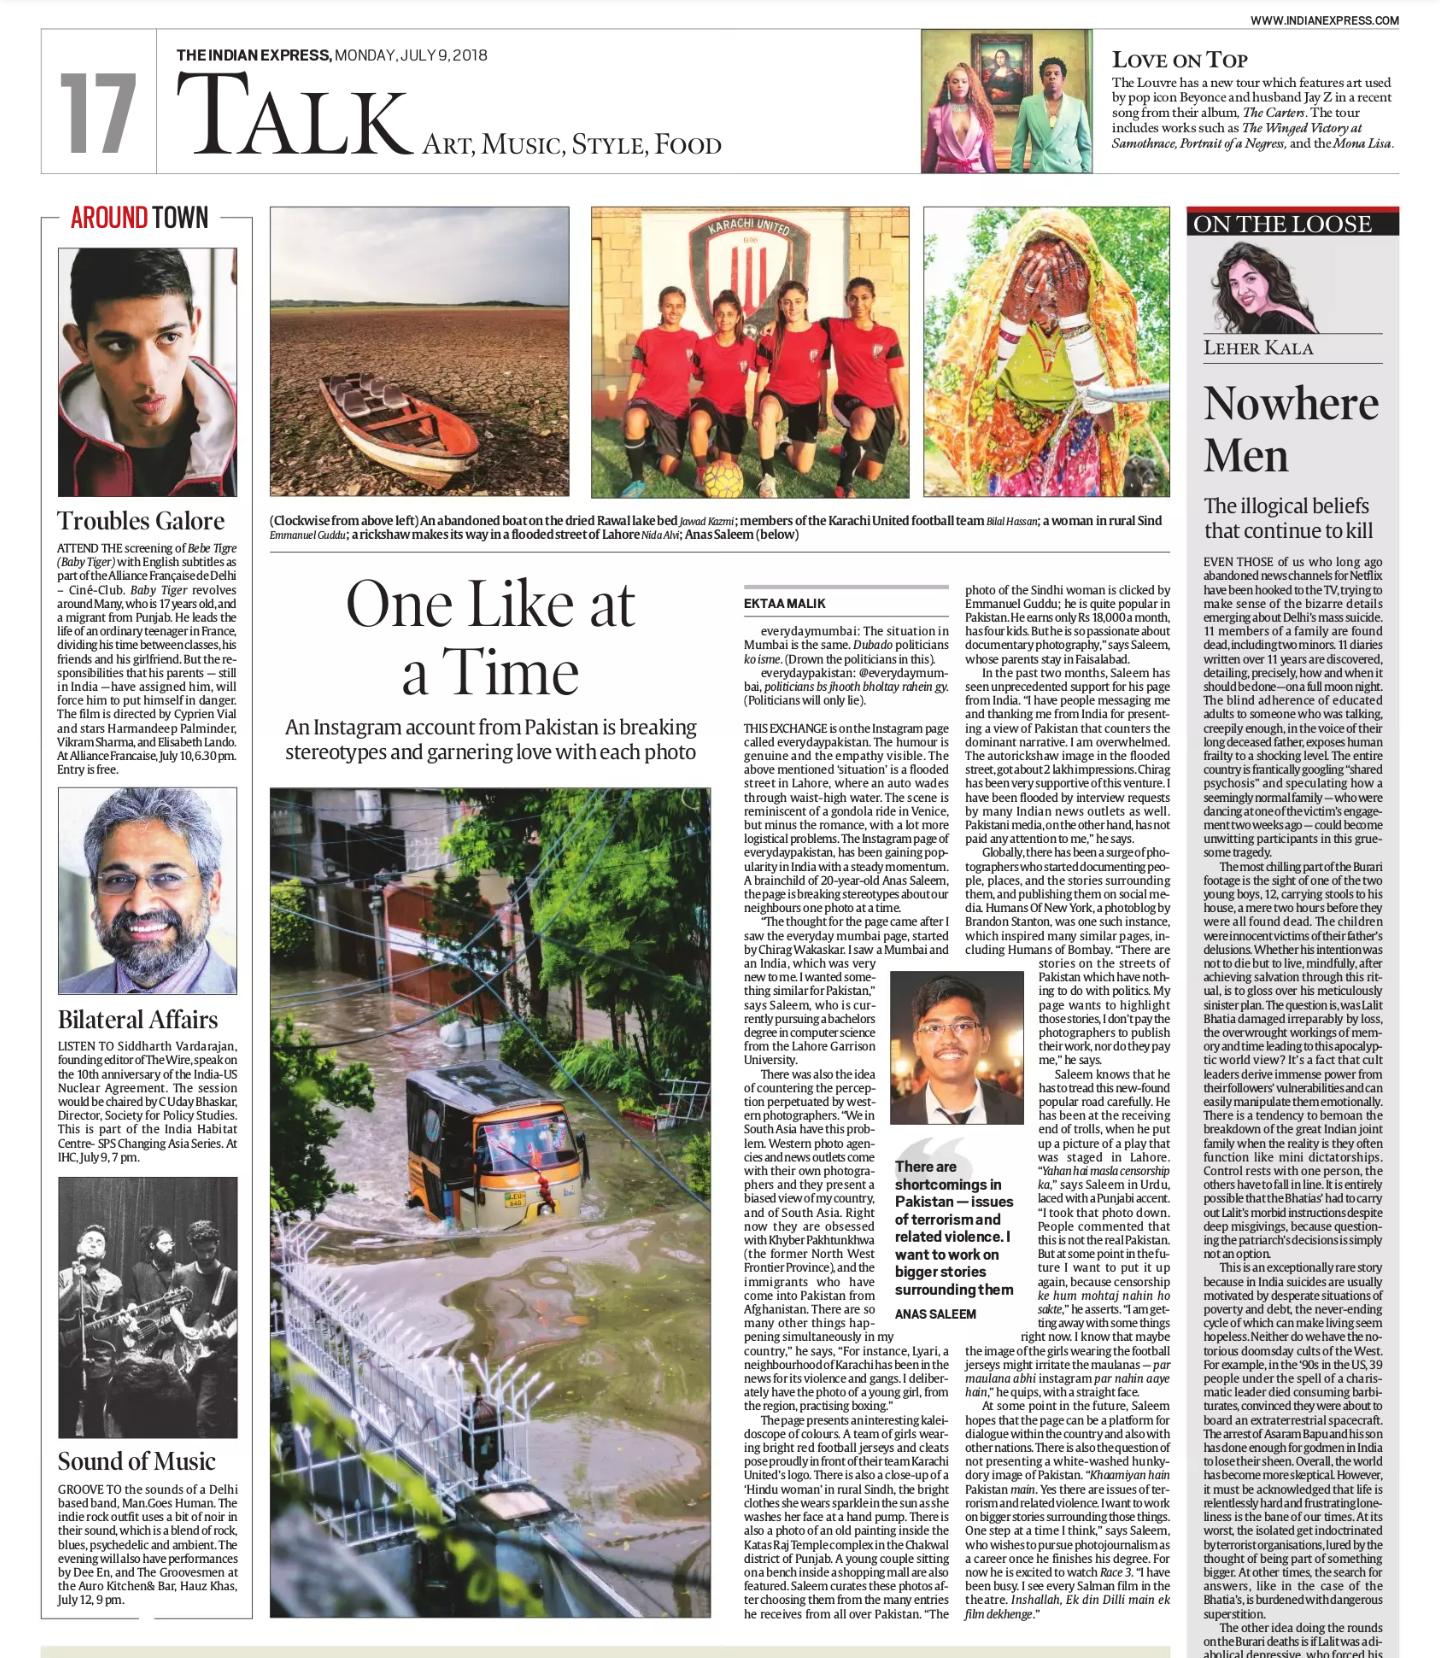 Indian Express Print